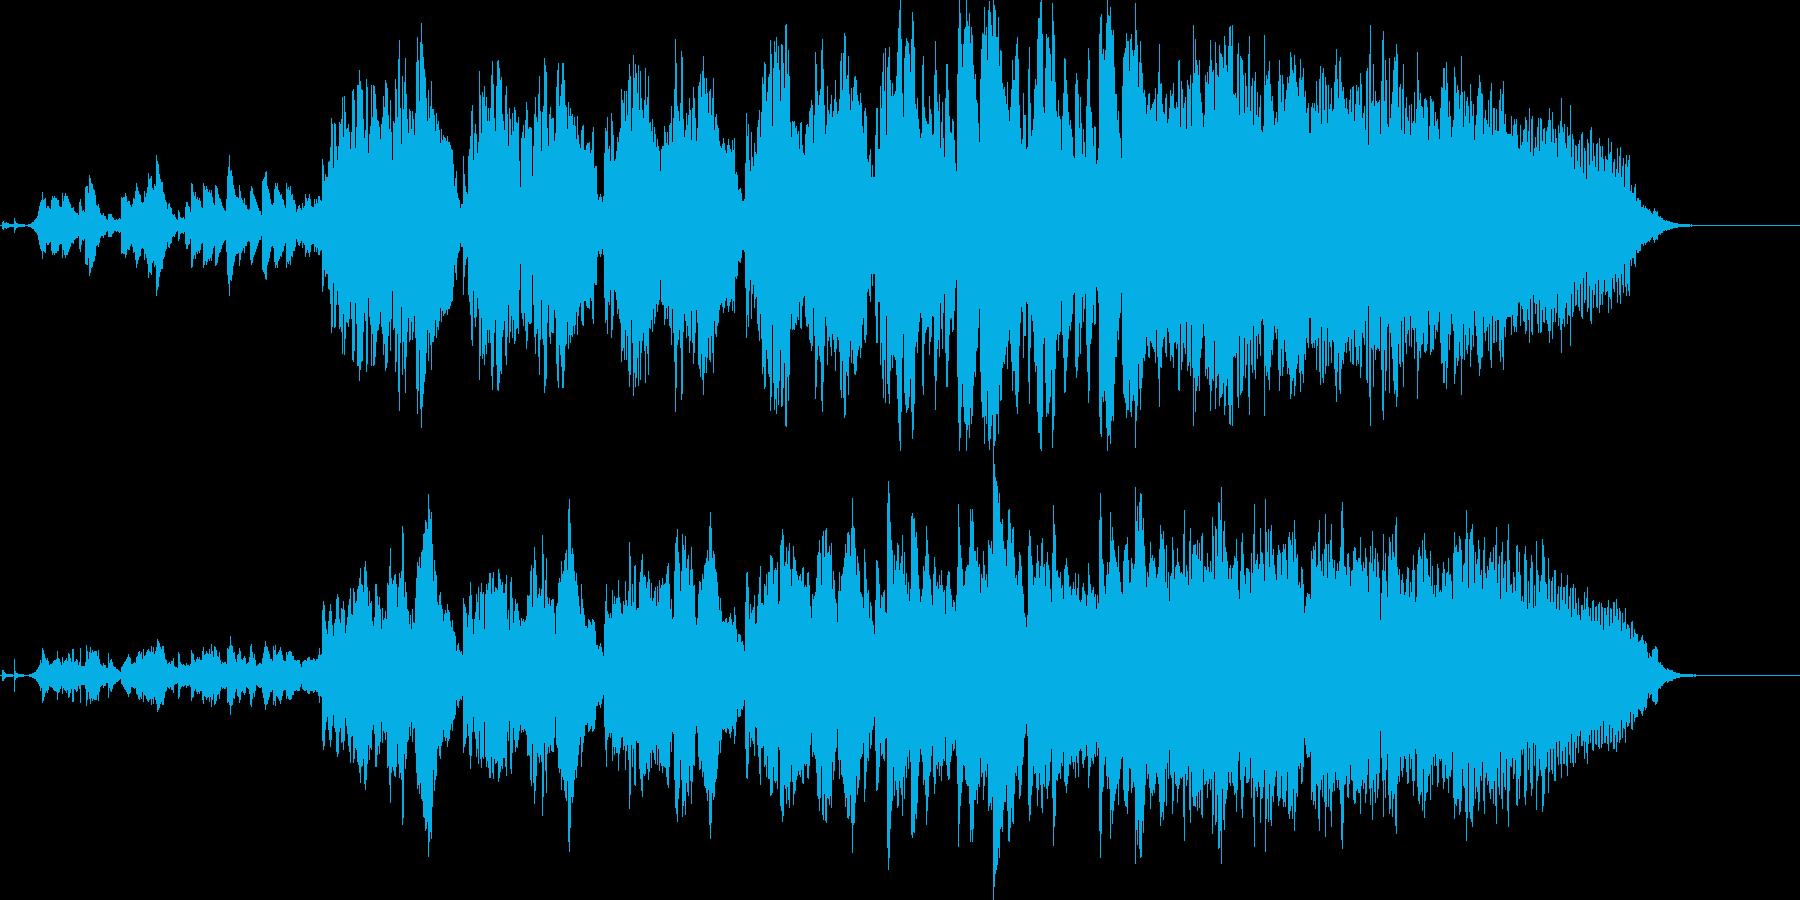 南の島の神秘的な滝のヒーリング曲の再生済みの波形